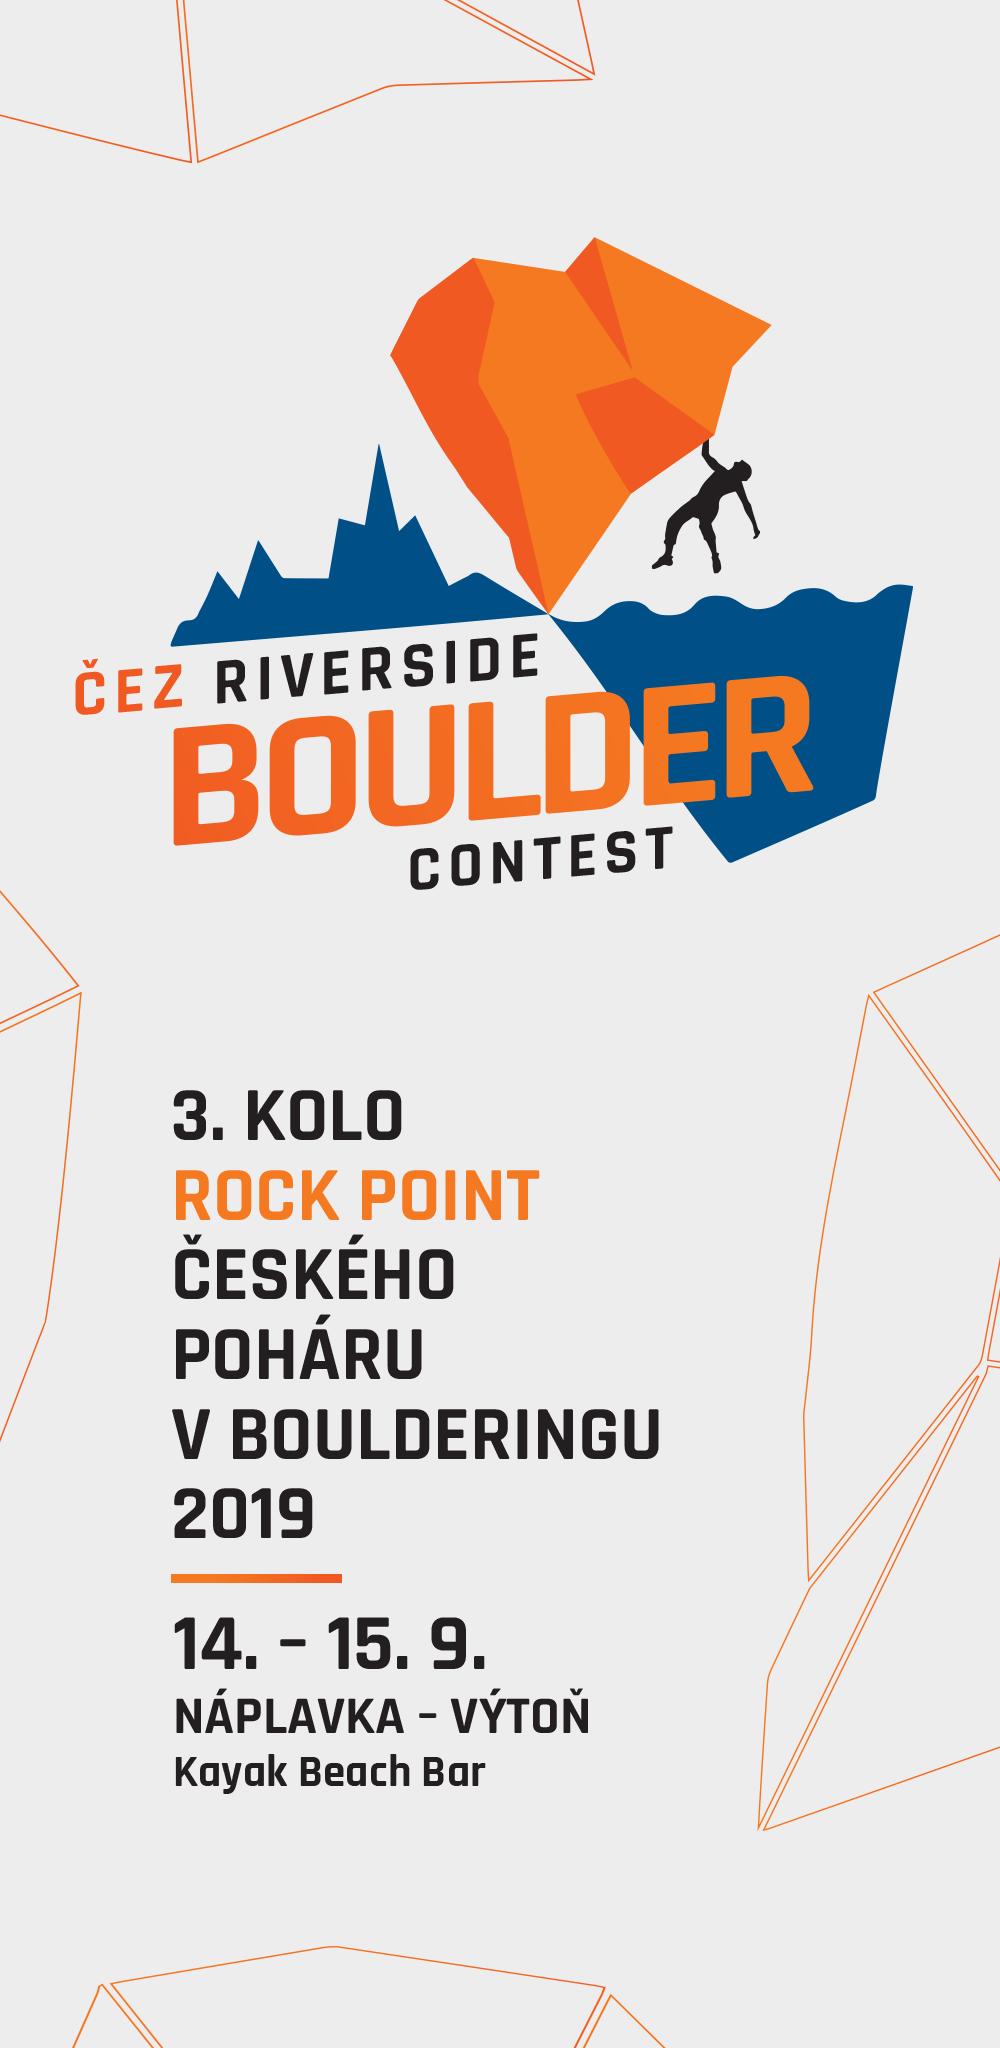 Riverside Boulder Contest